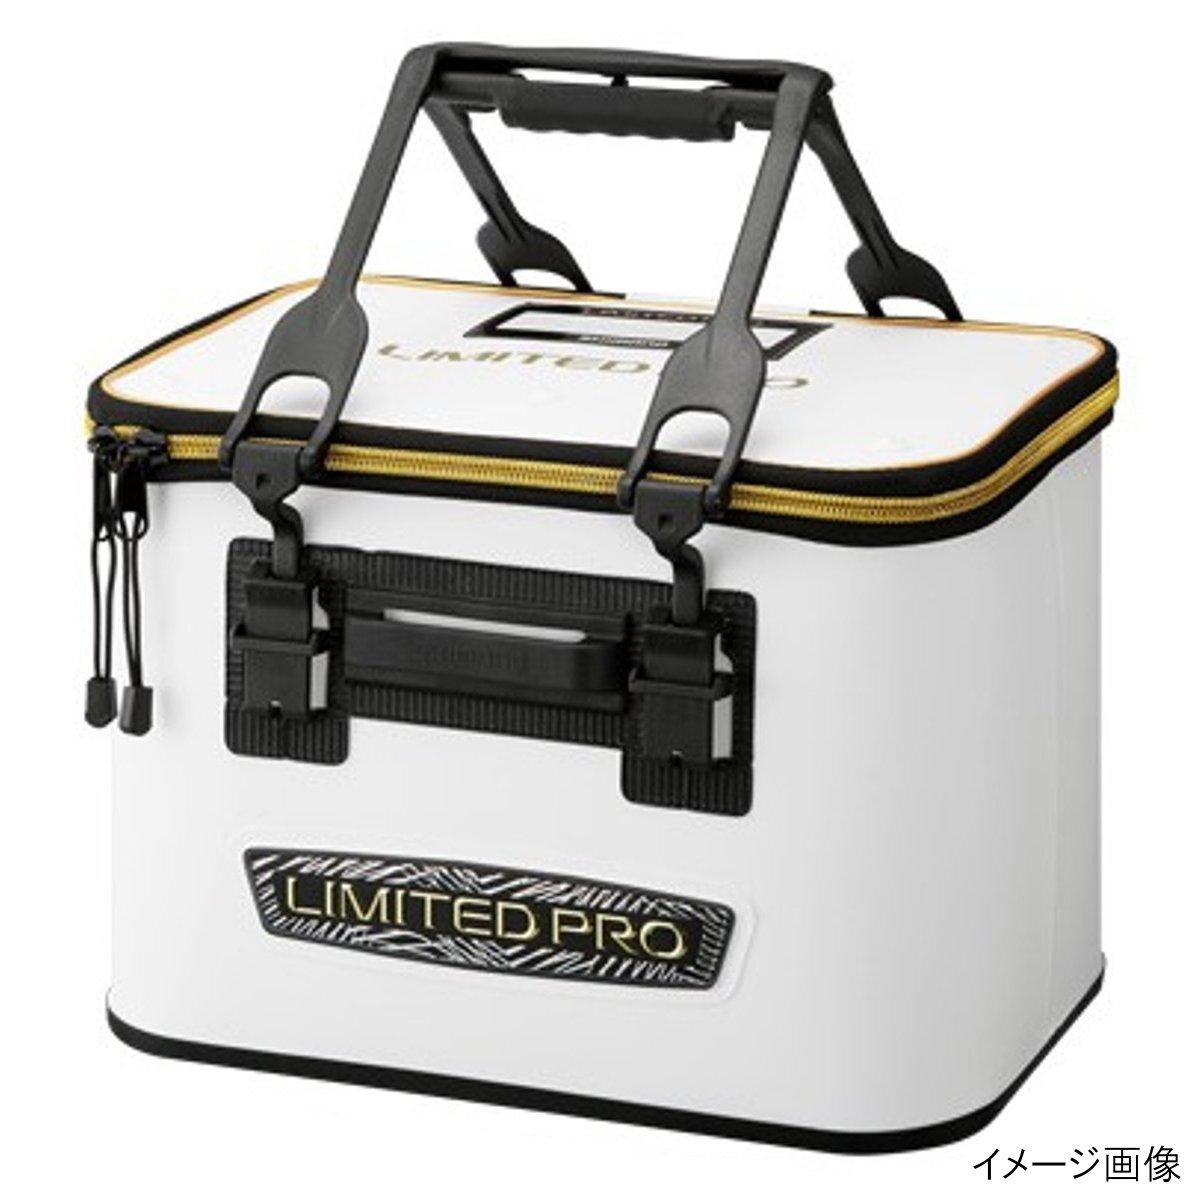 釣具のポイント 9 28 24時間限定 P全品10倍+1 000円オフCP 格安SALEスタート シマノ 新色追加して再販 PRO BK-111R リミテッドホワイト 40cm バッカン LIMITED ハードタイプ